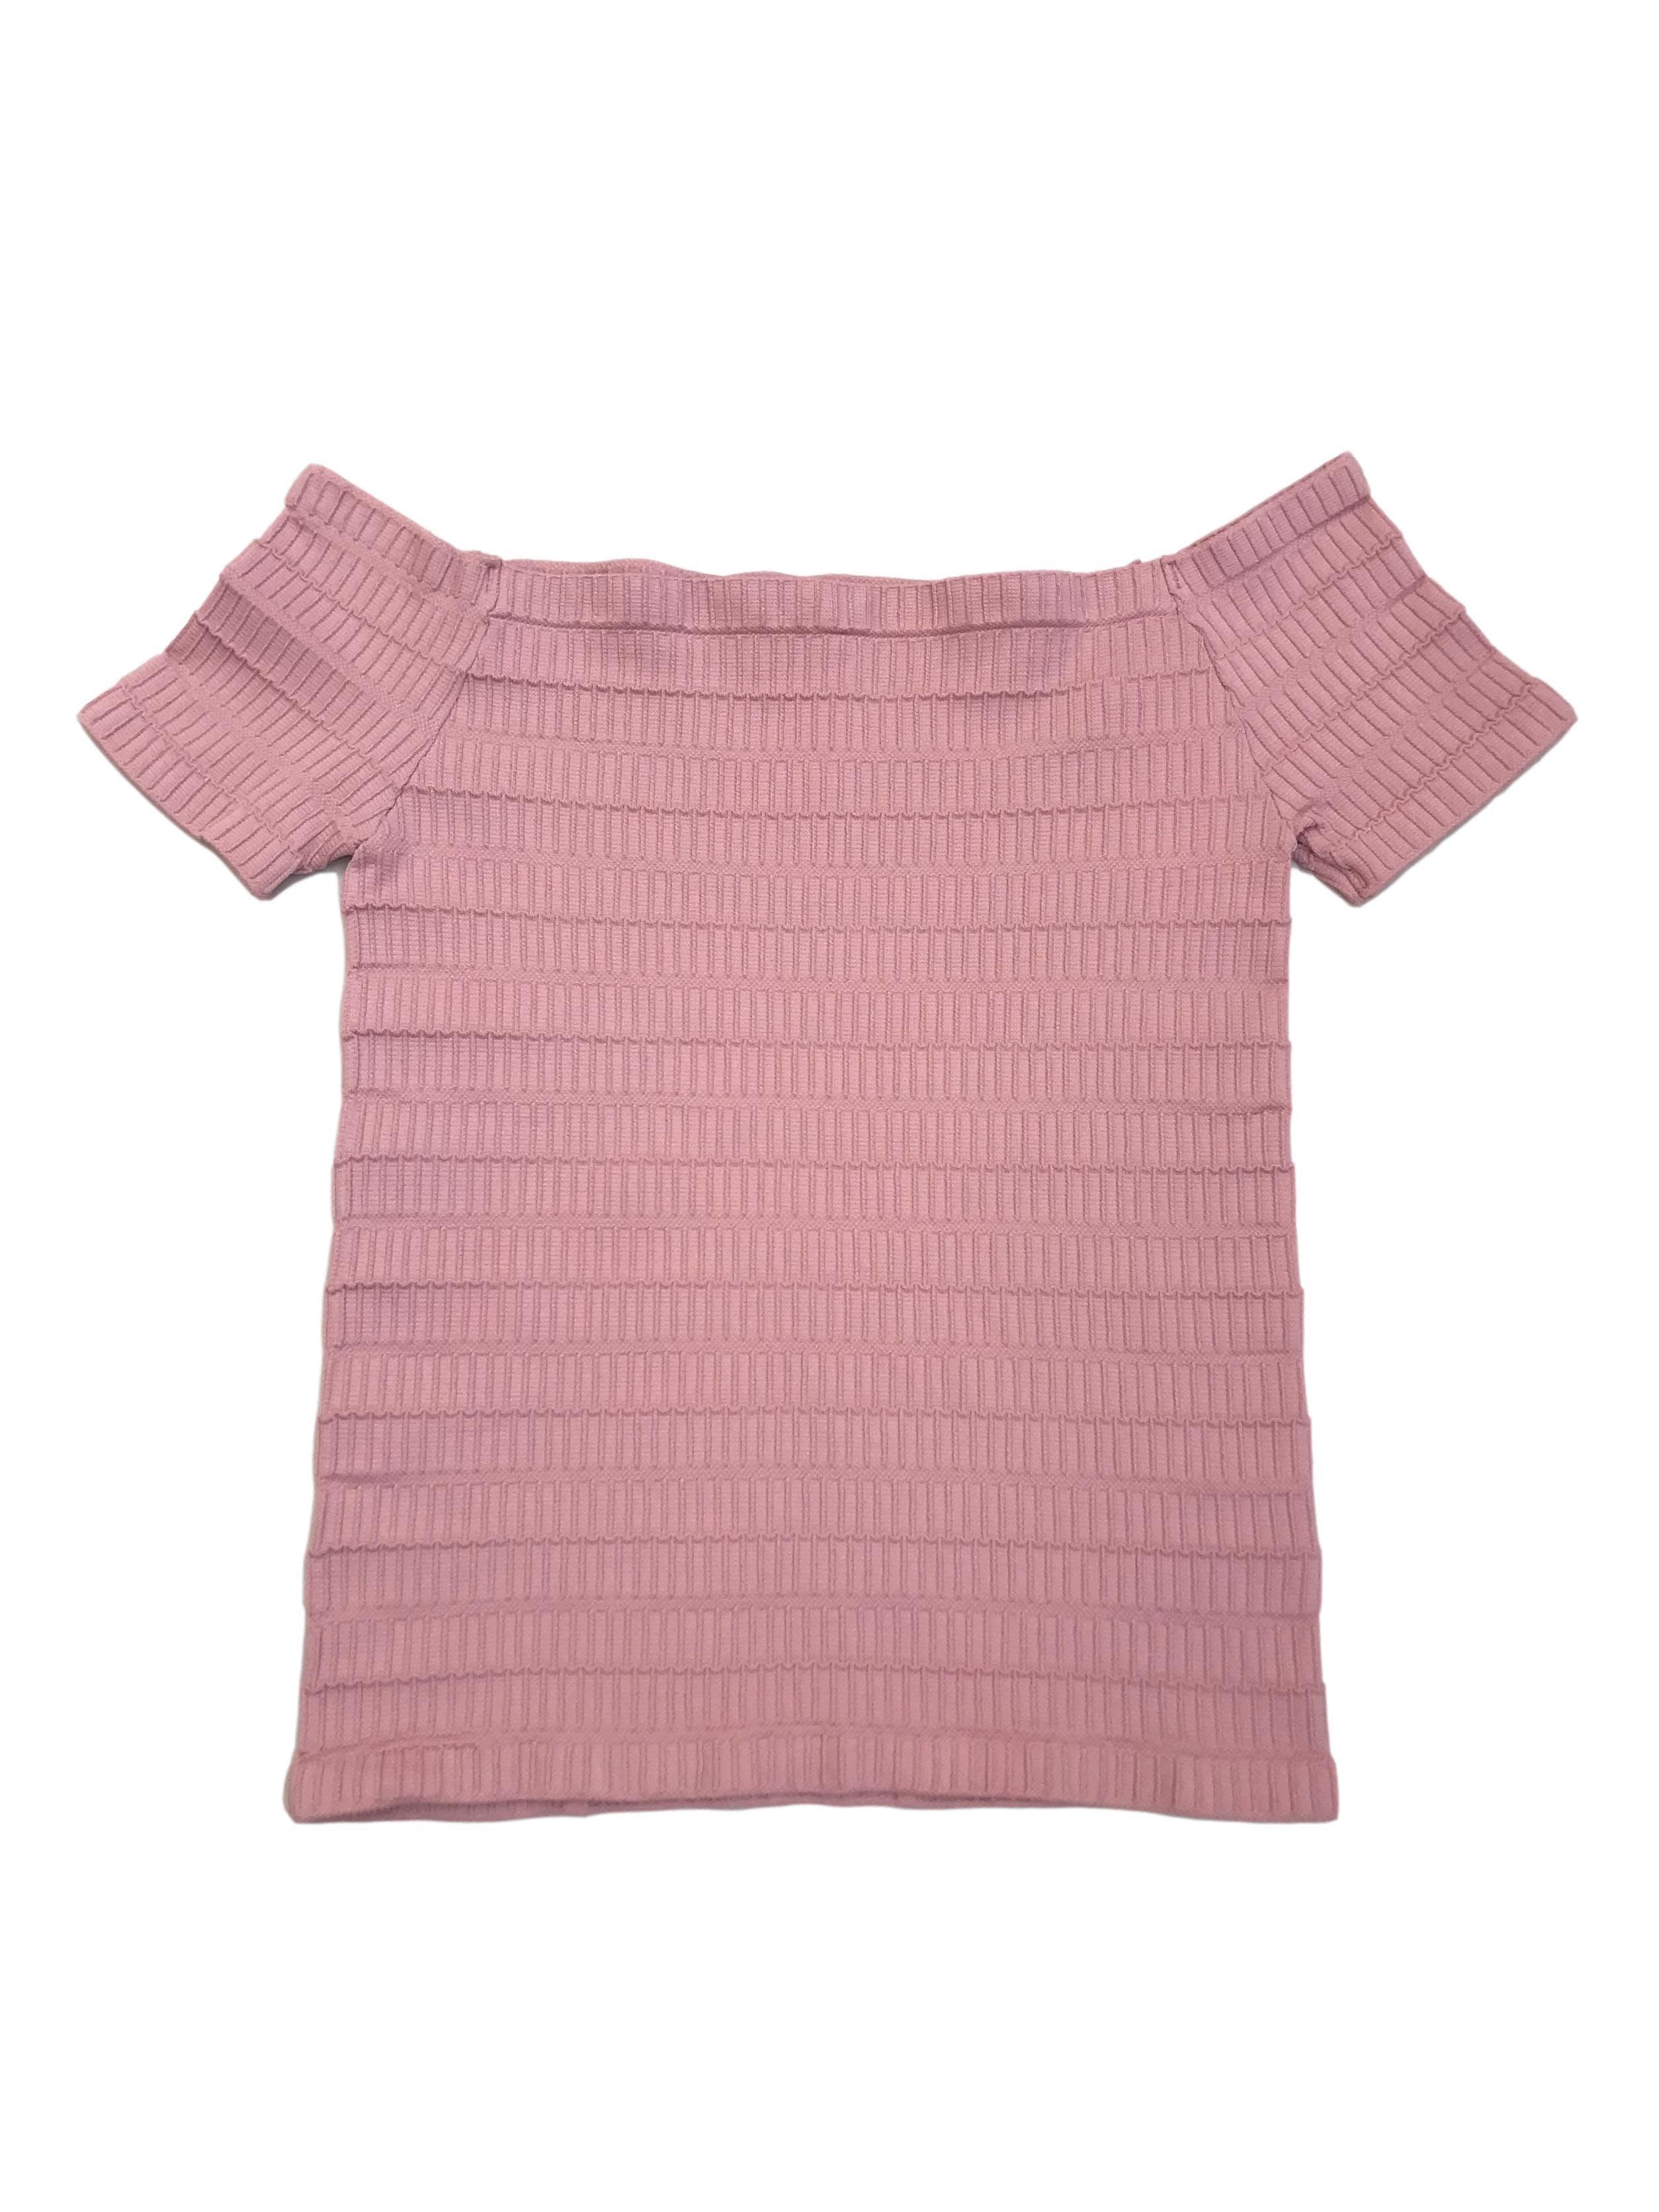 Top off shoulder palo rosa con textura, es stretch